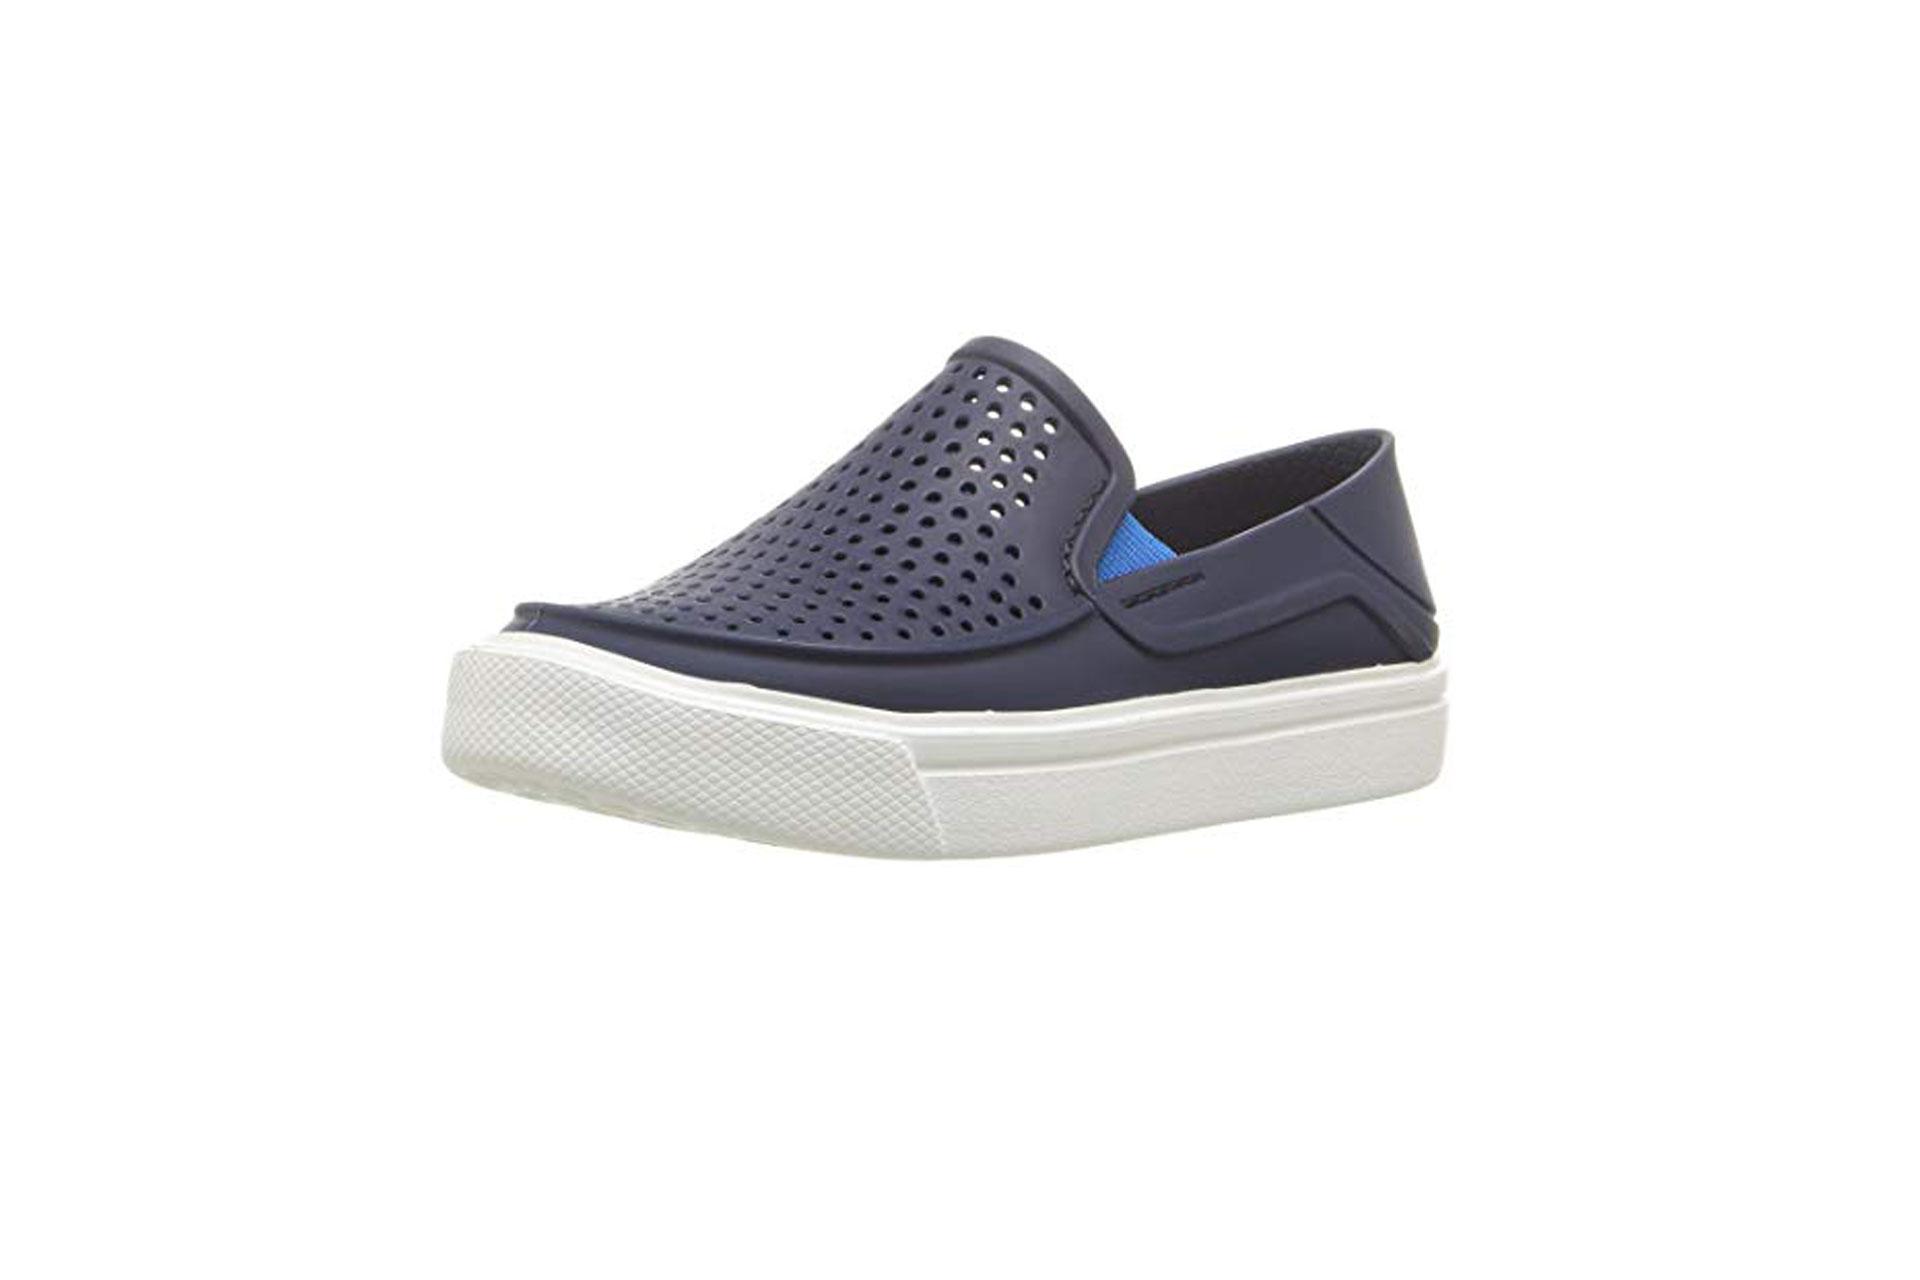 Kids' Slip-On Shoes; Courtesy of Amazon